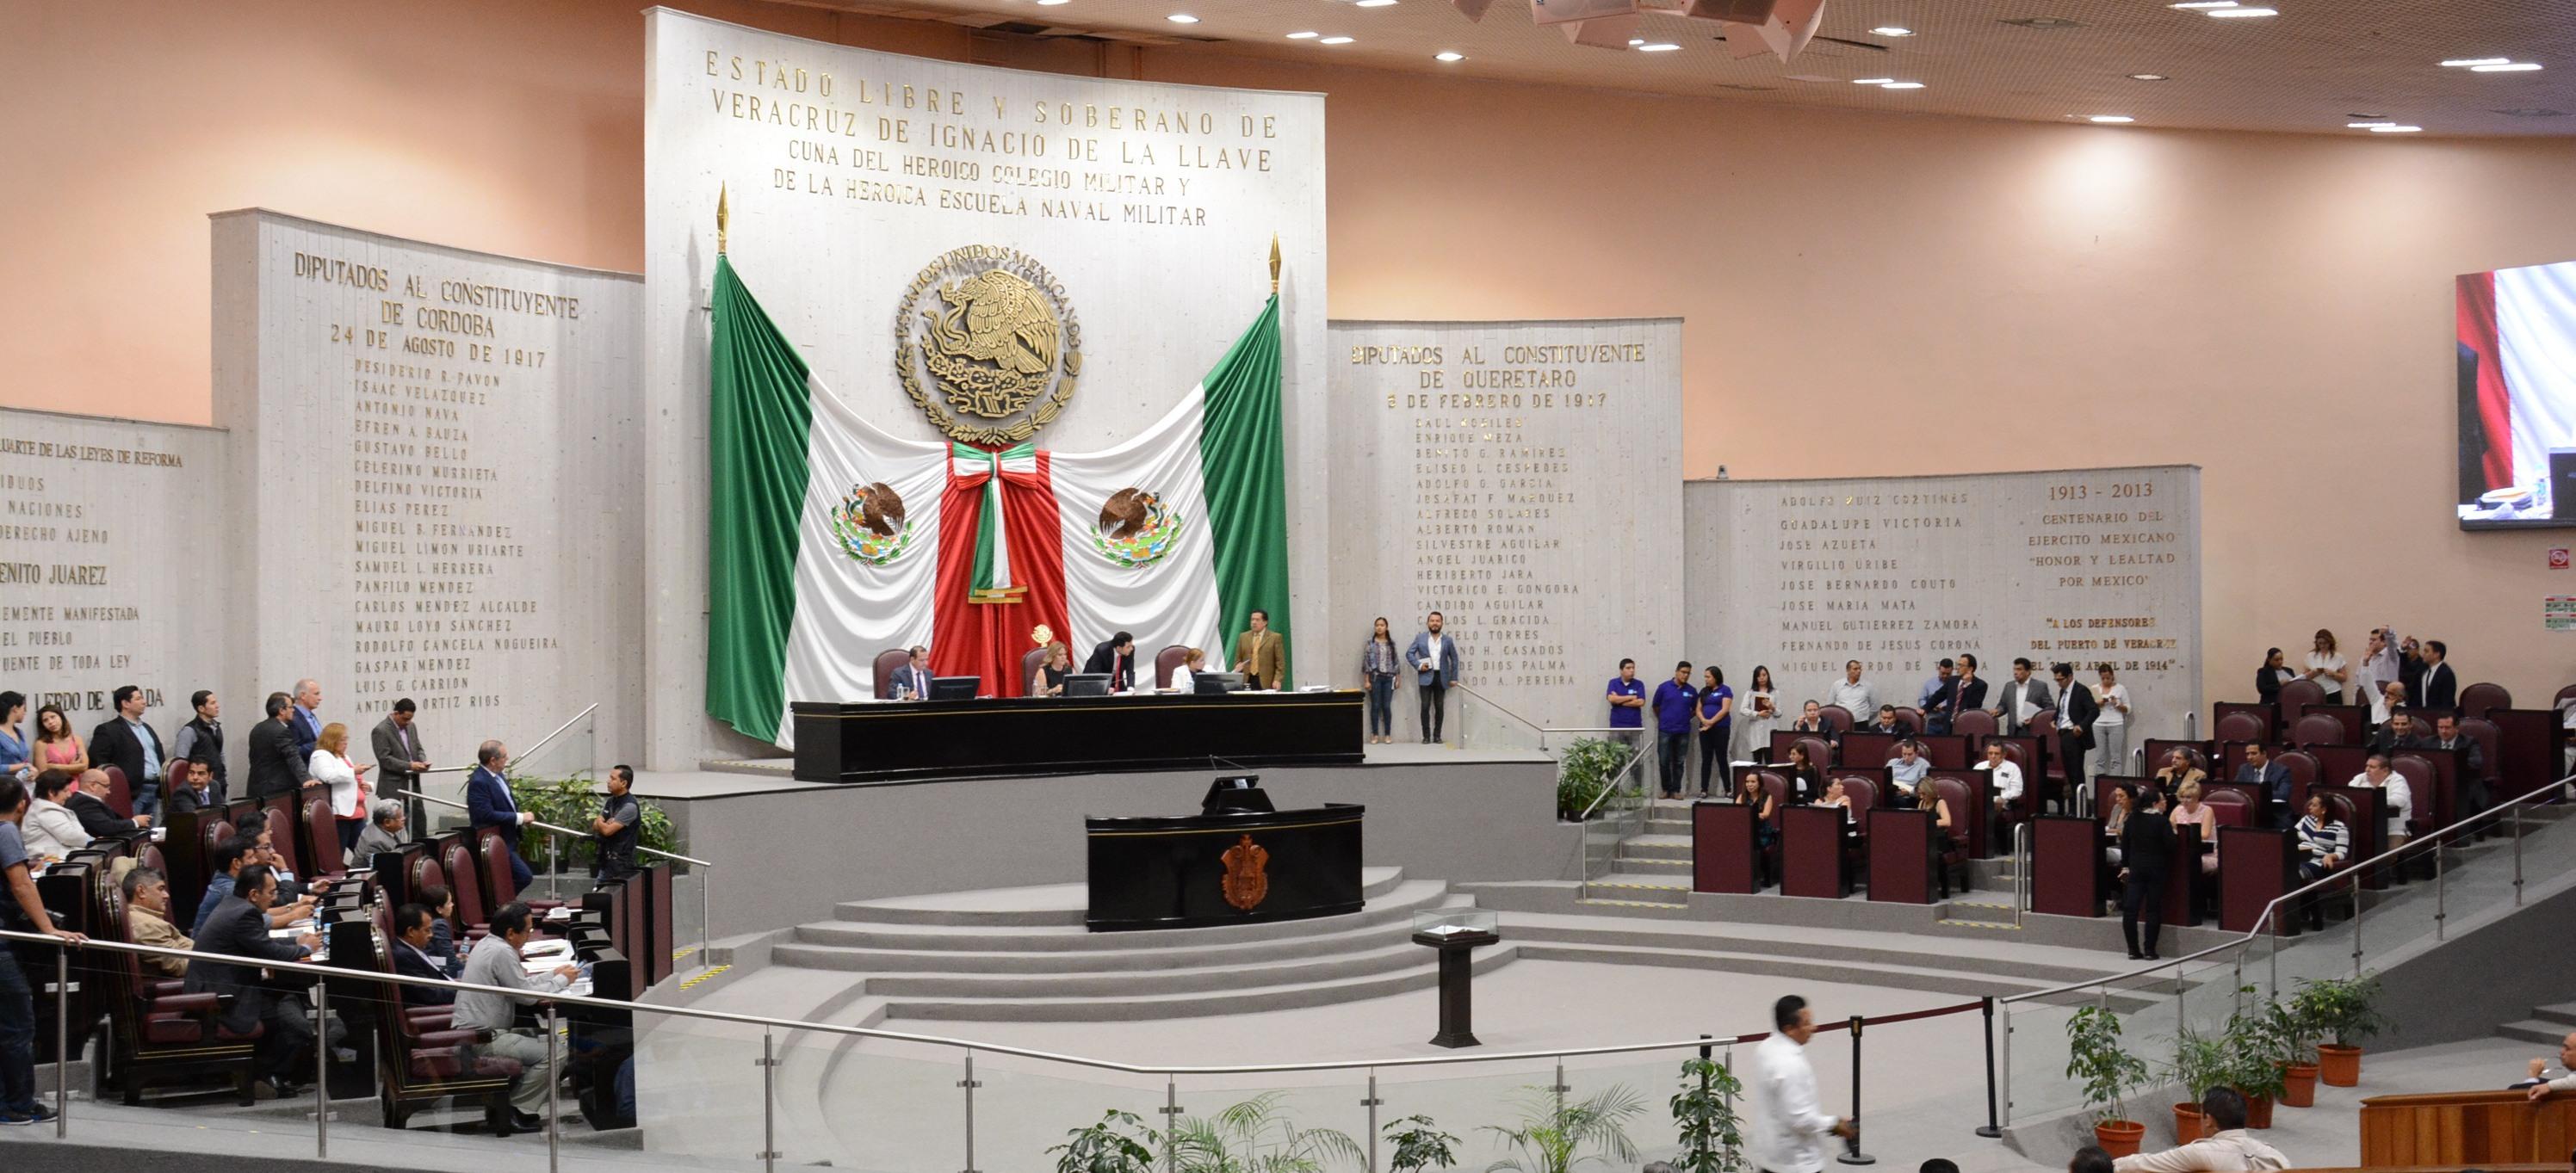 El 15 de noviembre se presentará el sexto y último Informe de Gobierno en Veracruz